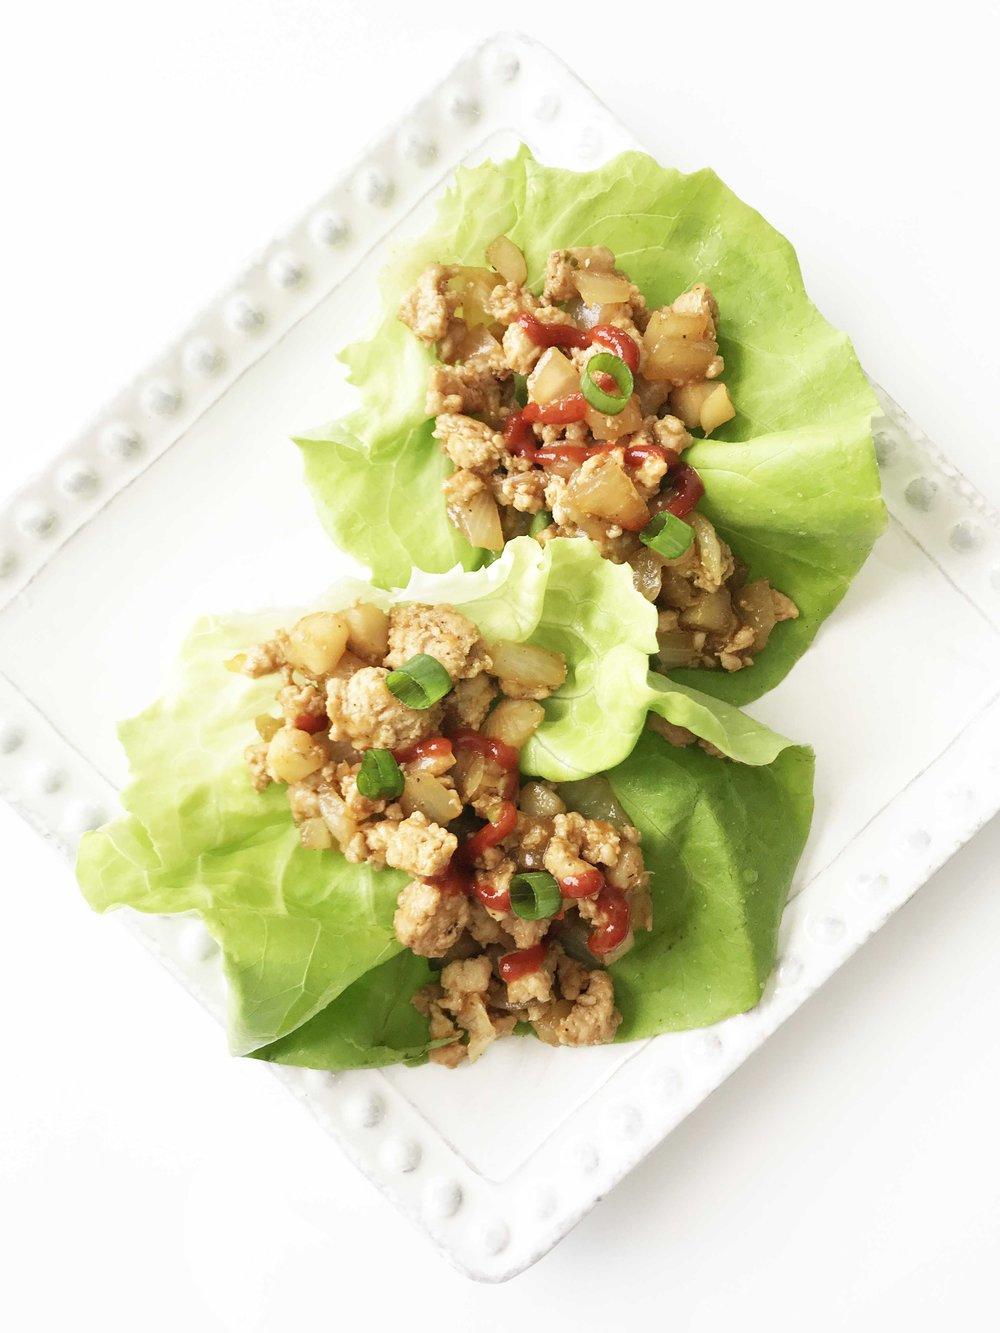 lettuce-wraps7.jpg